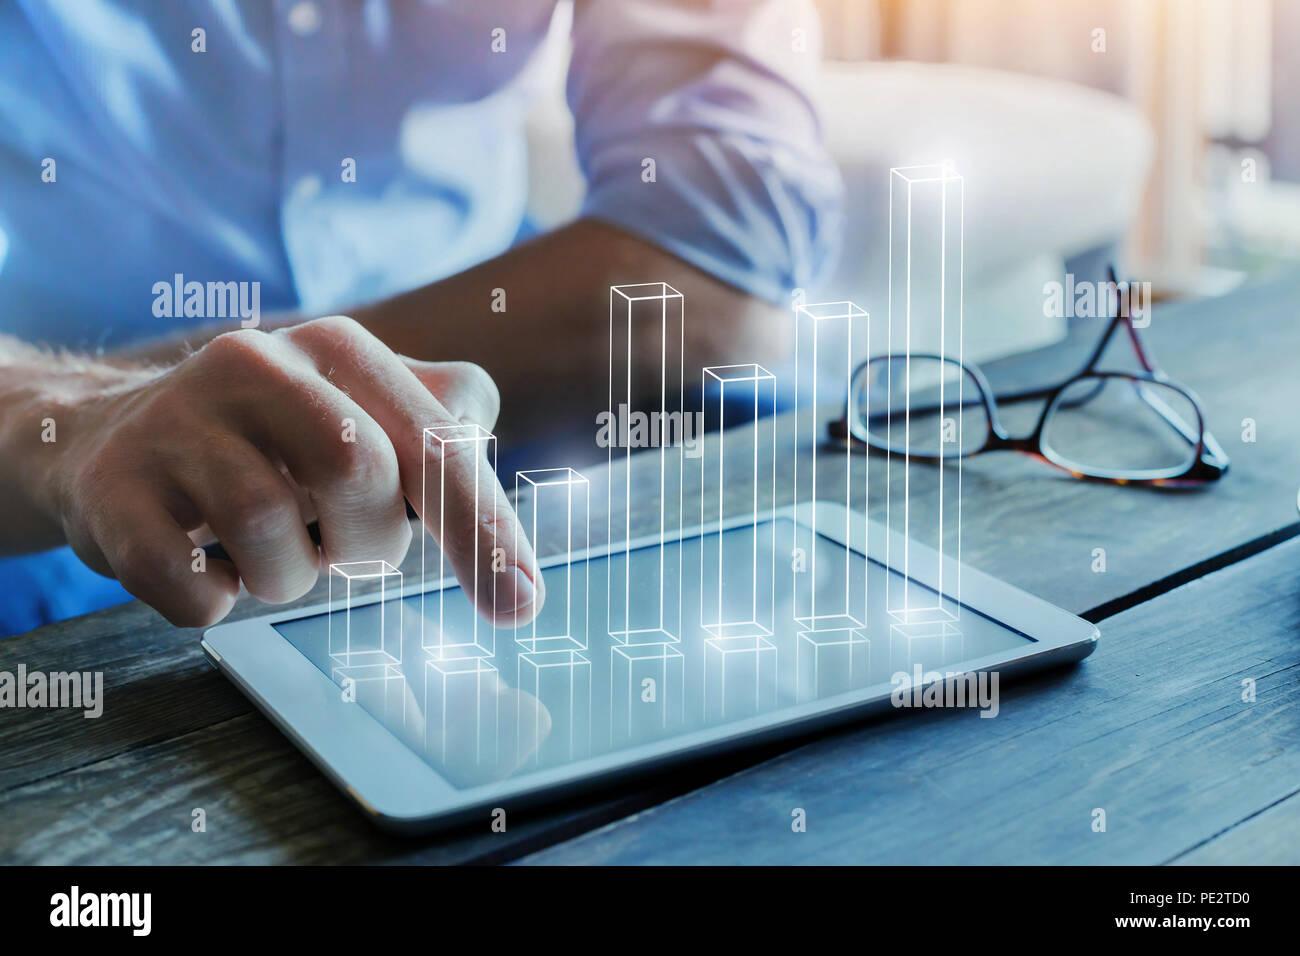 Concept de business intelligence, de l'analyse financière, avec colonne 3d chart Photo Stock